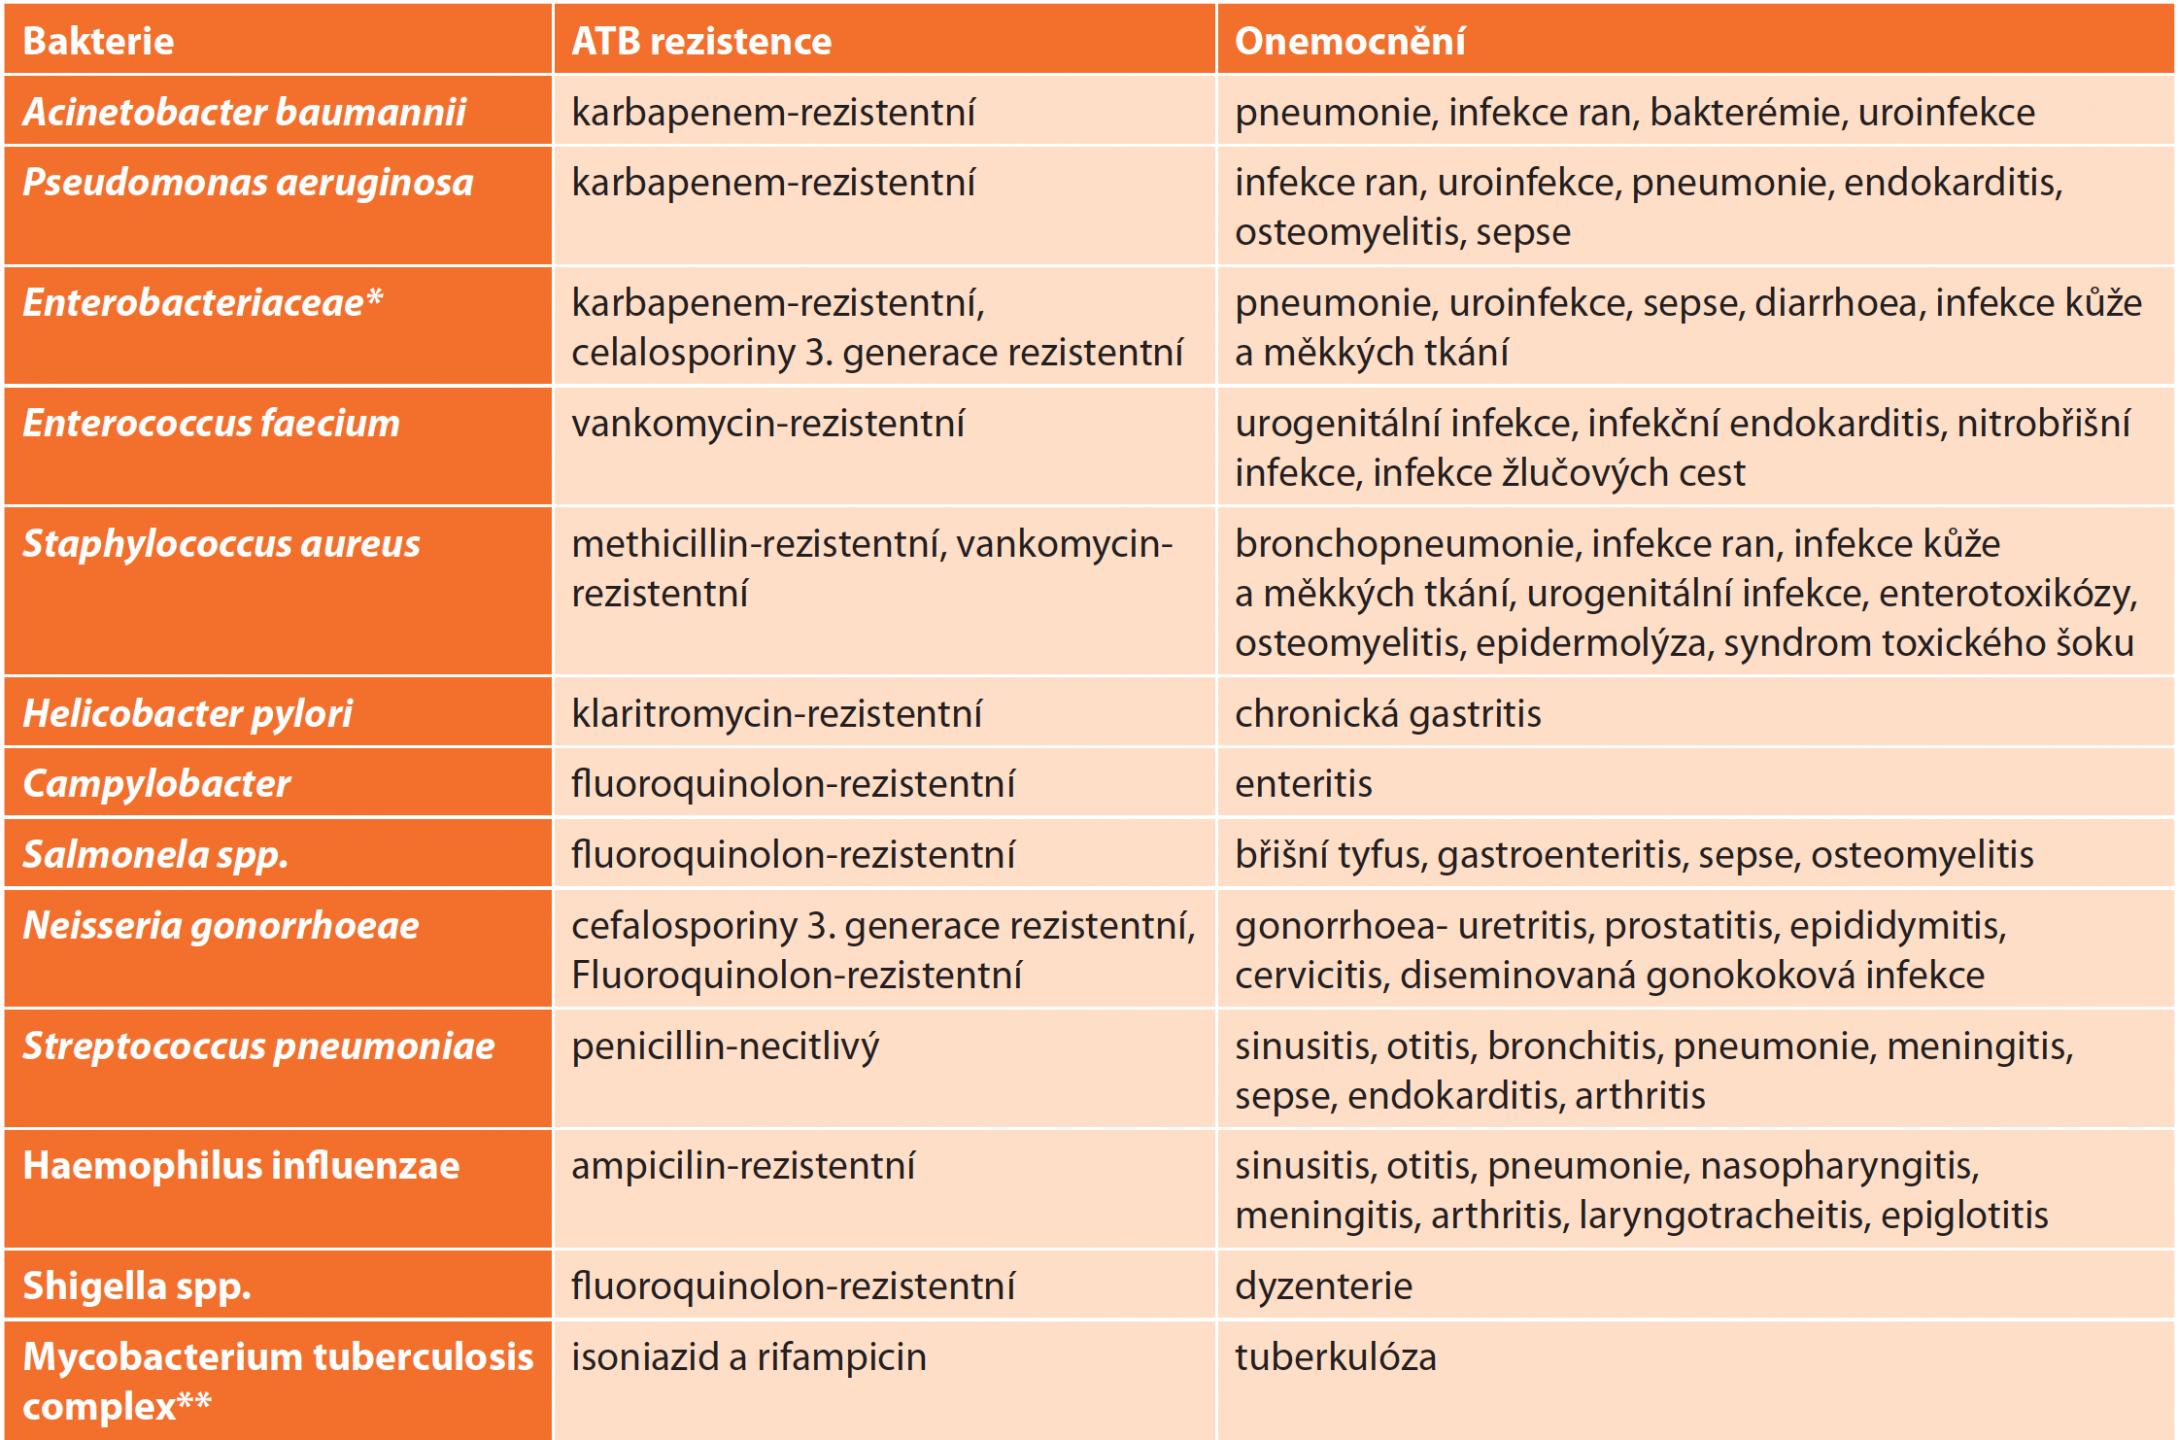 Seznam nejrizikovějších patogenů [14] <br> Tab. 3: Global priority list of antibiotic-resistant bacteria [14]